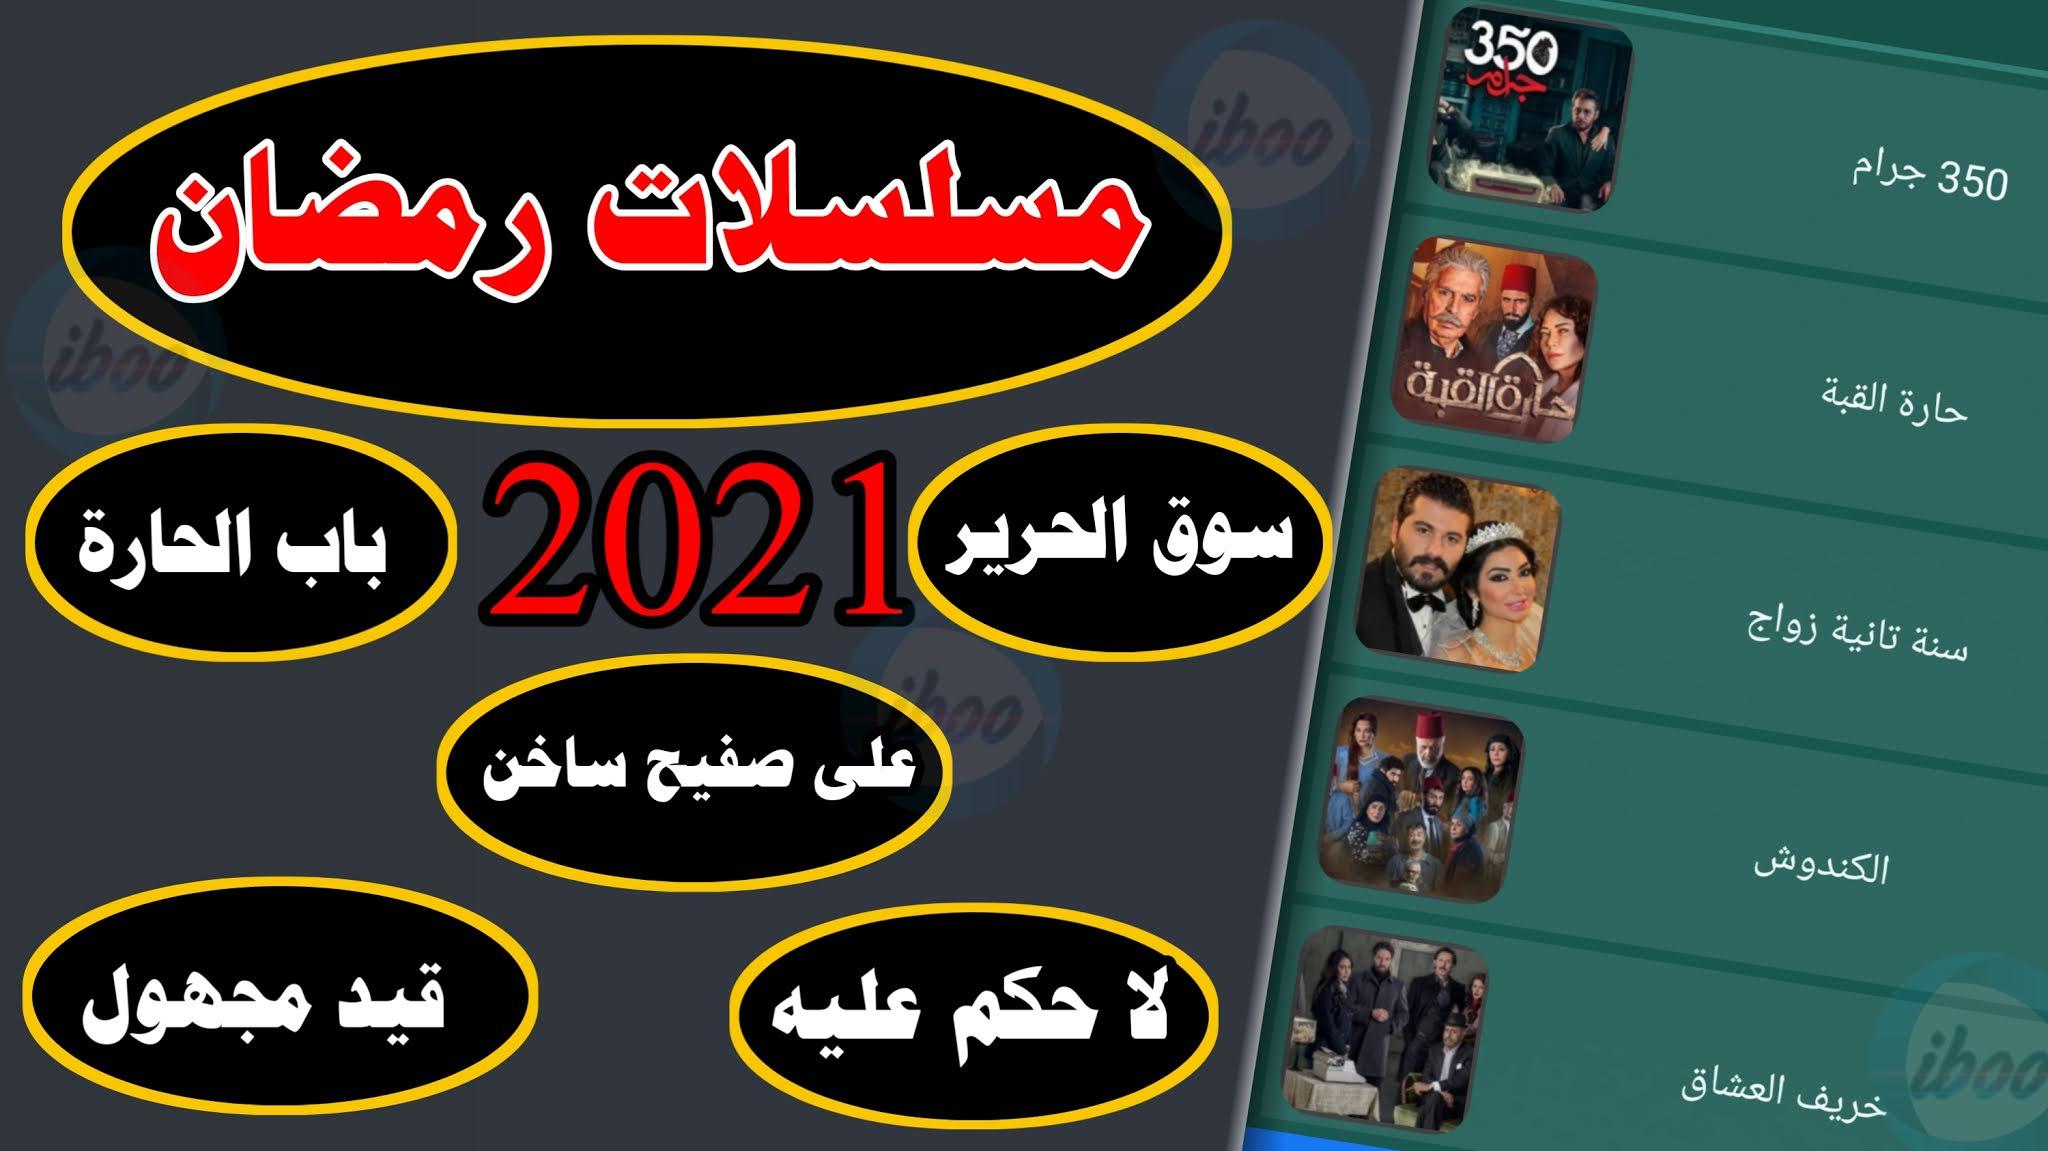 مسلسلات رمضان 2021 شاهد جميع مسلسلات رمضان